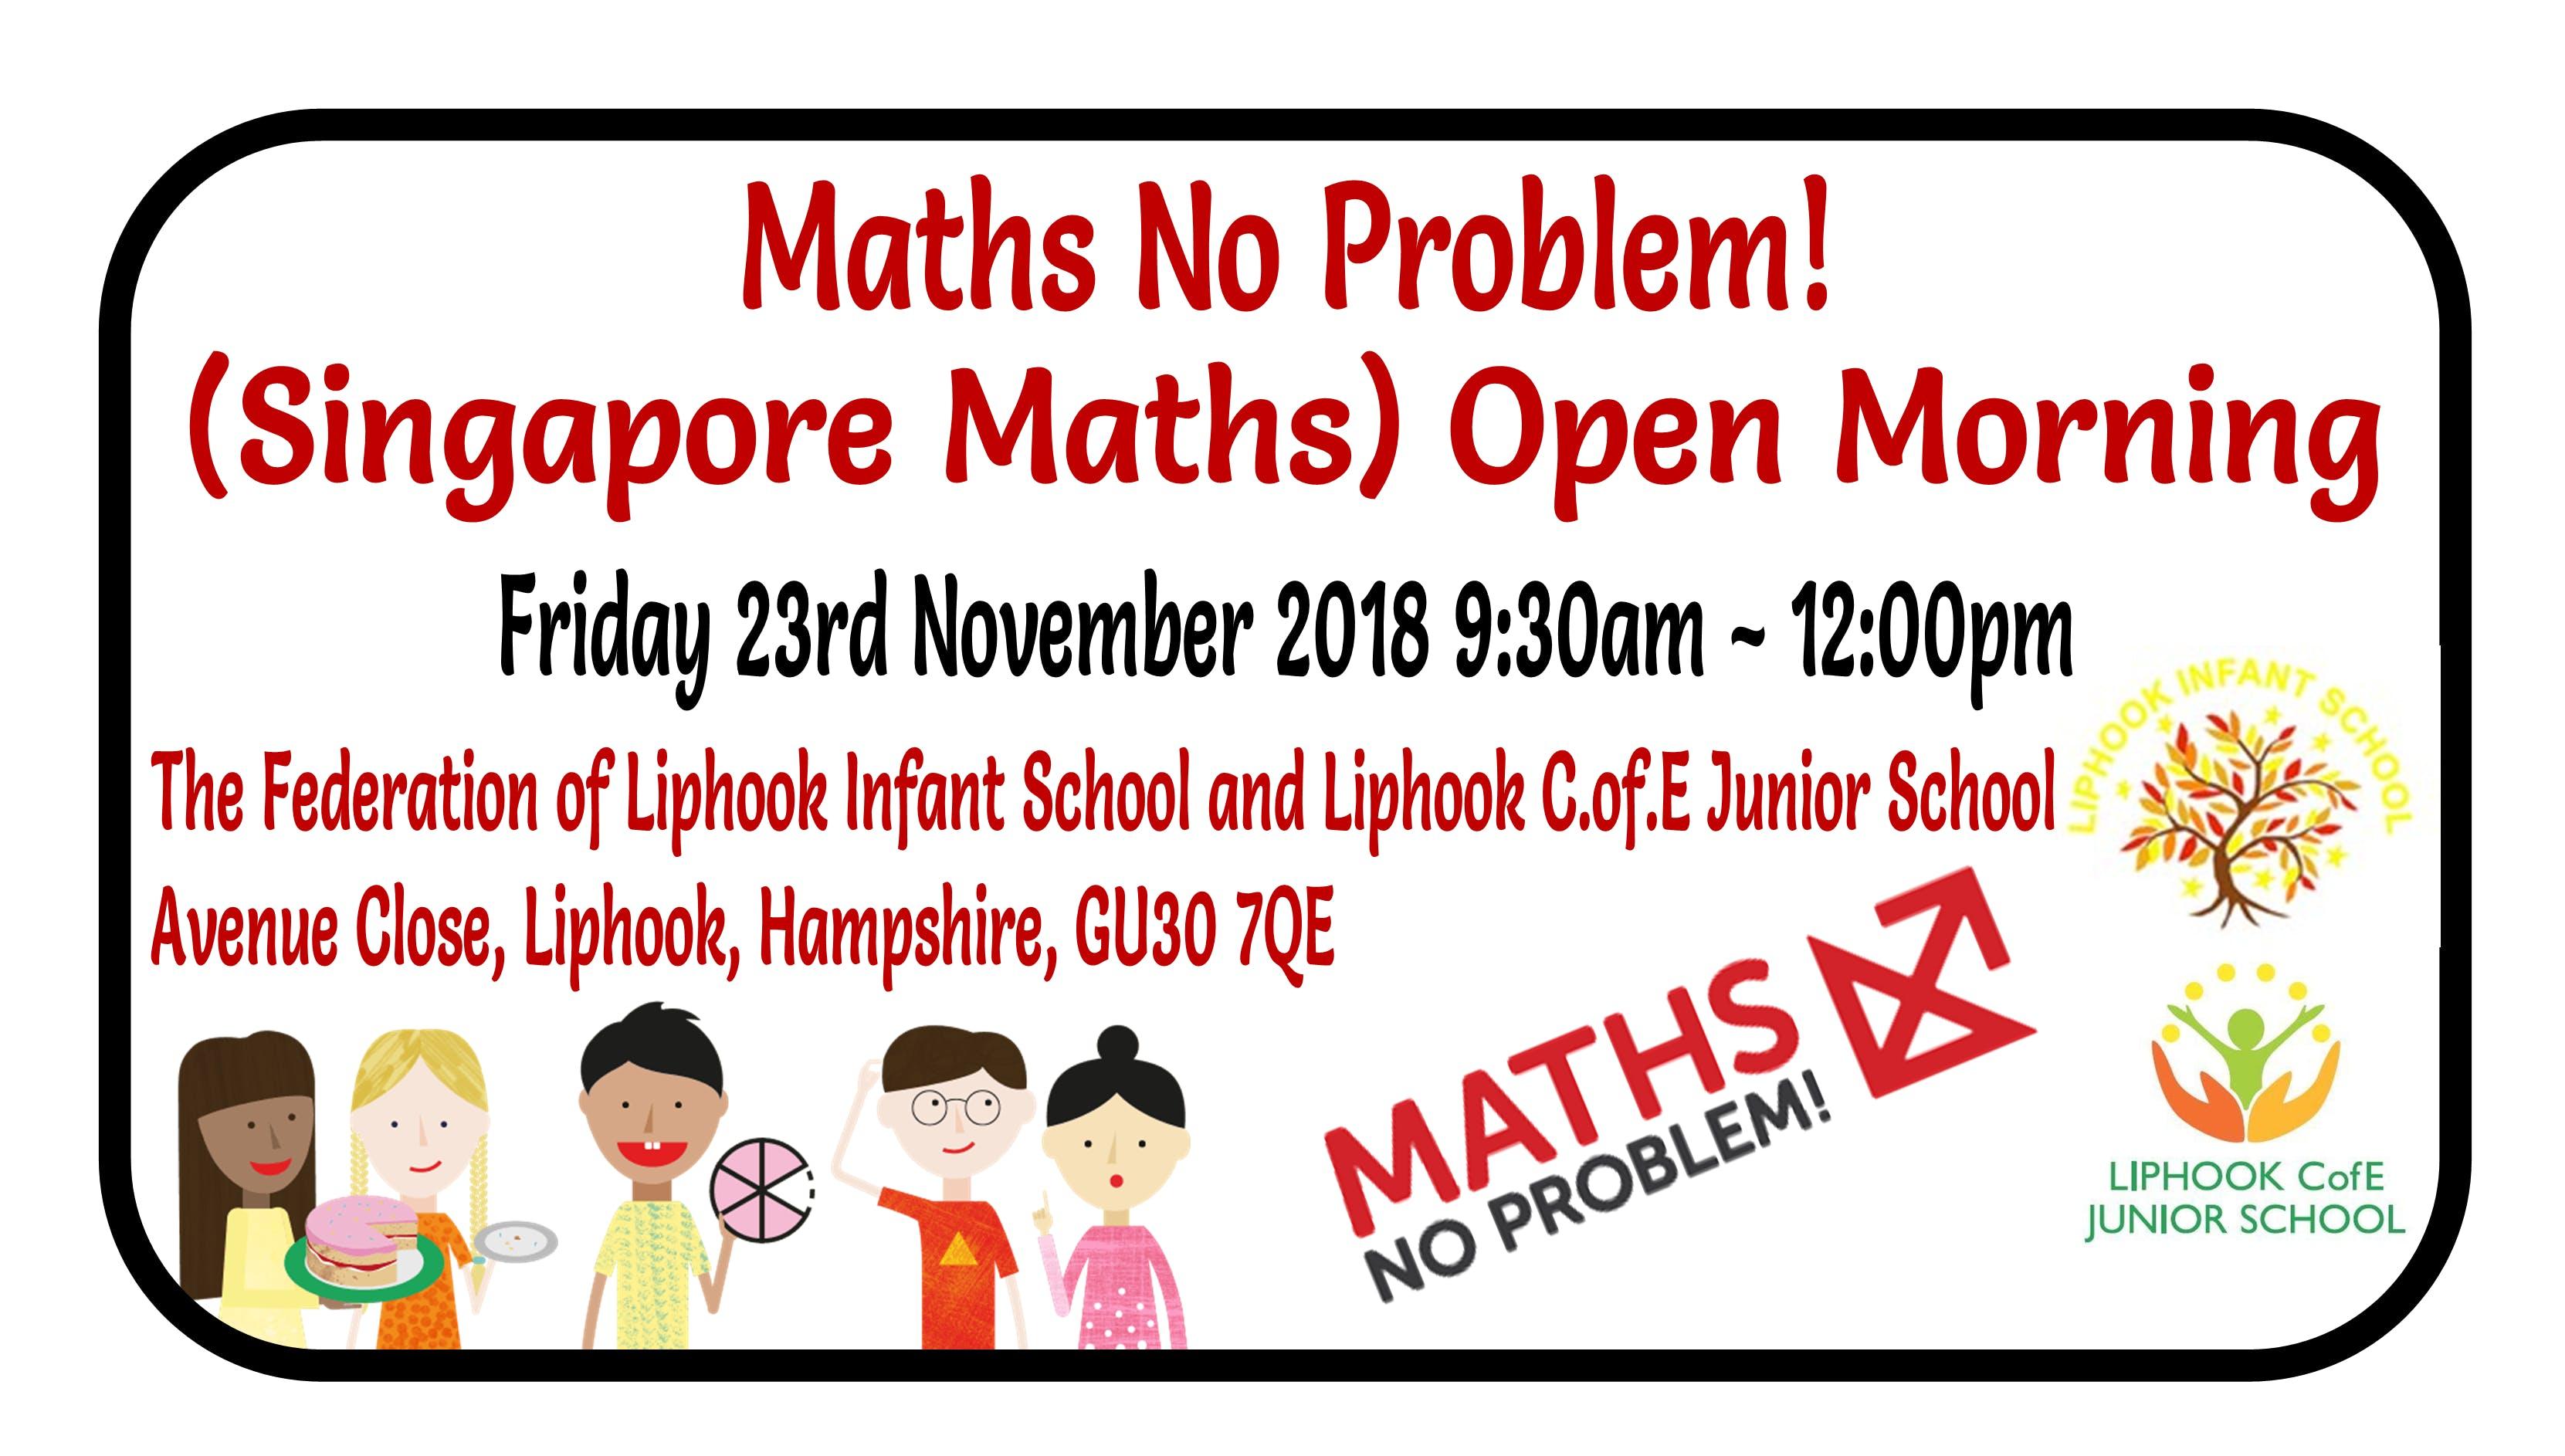 Maths No Problem! (Singapore Maths) Open Morn